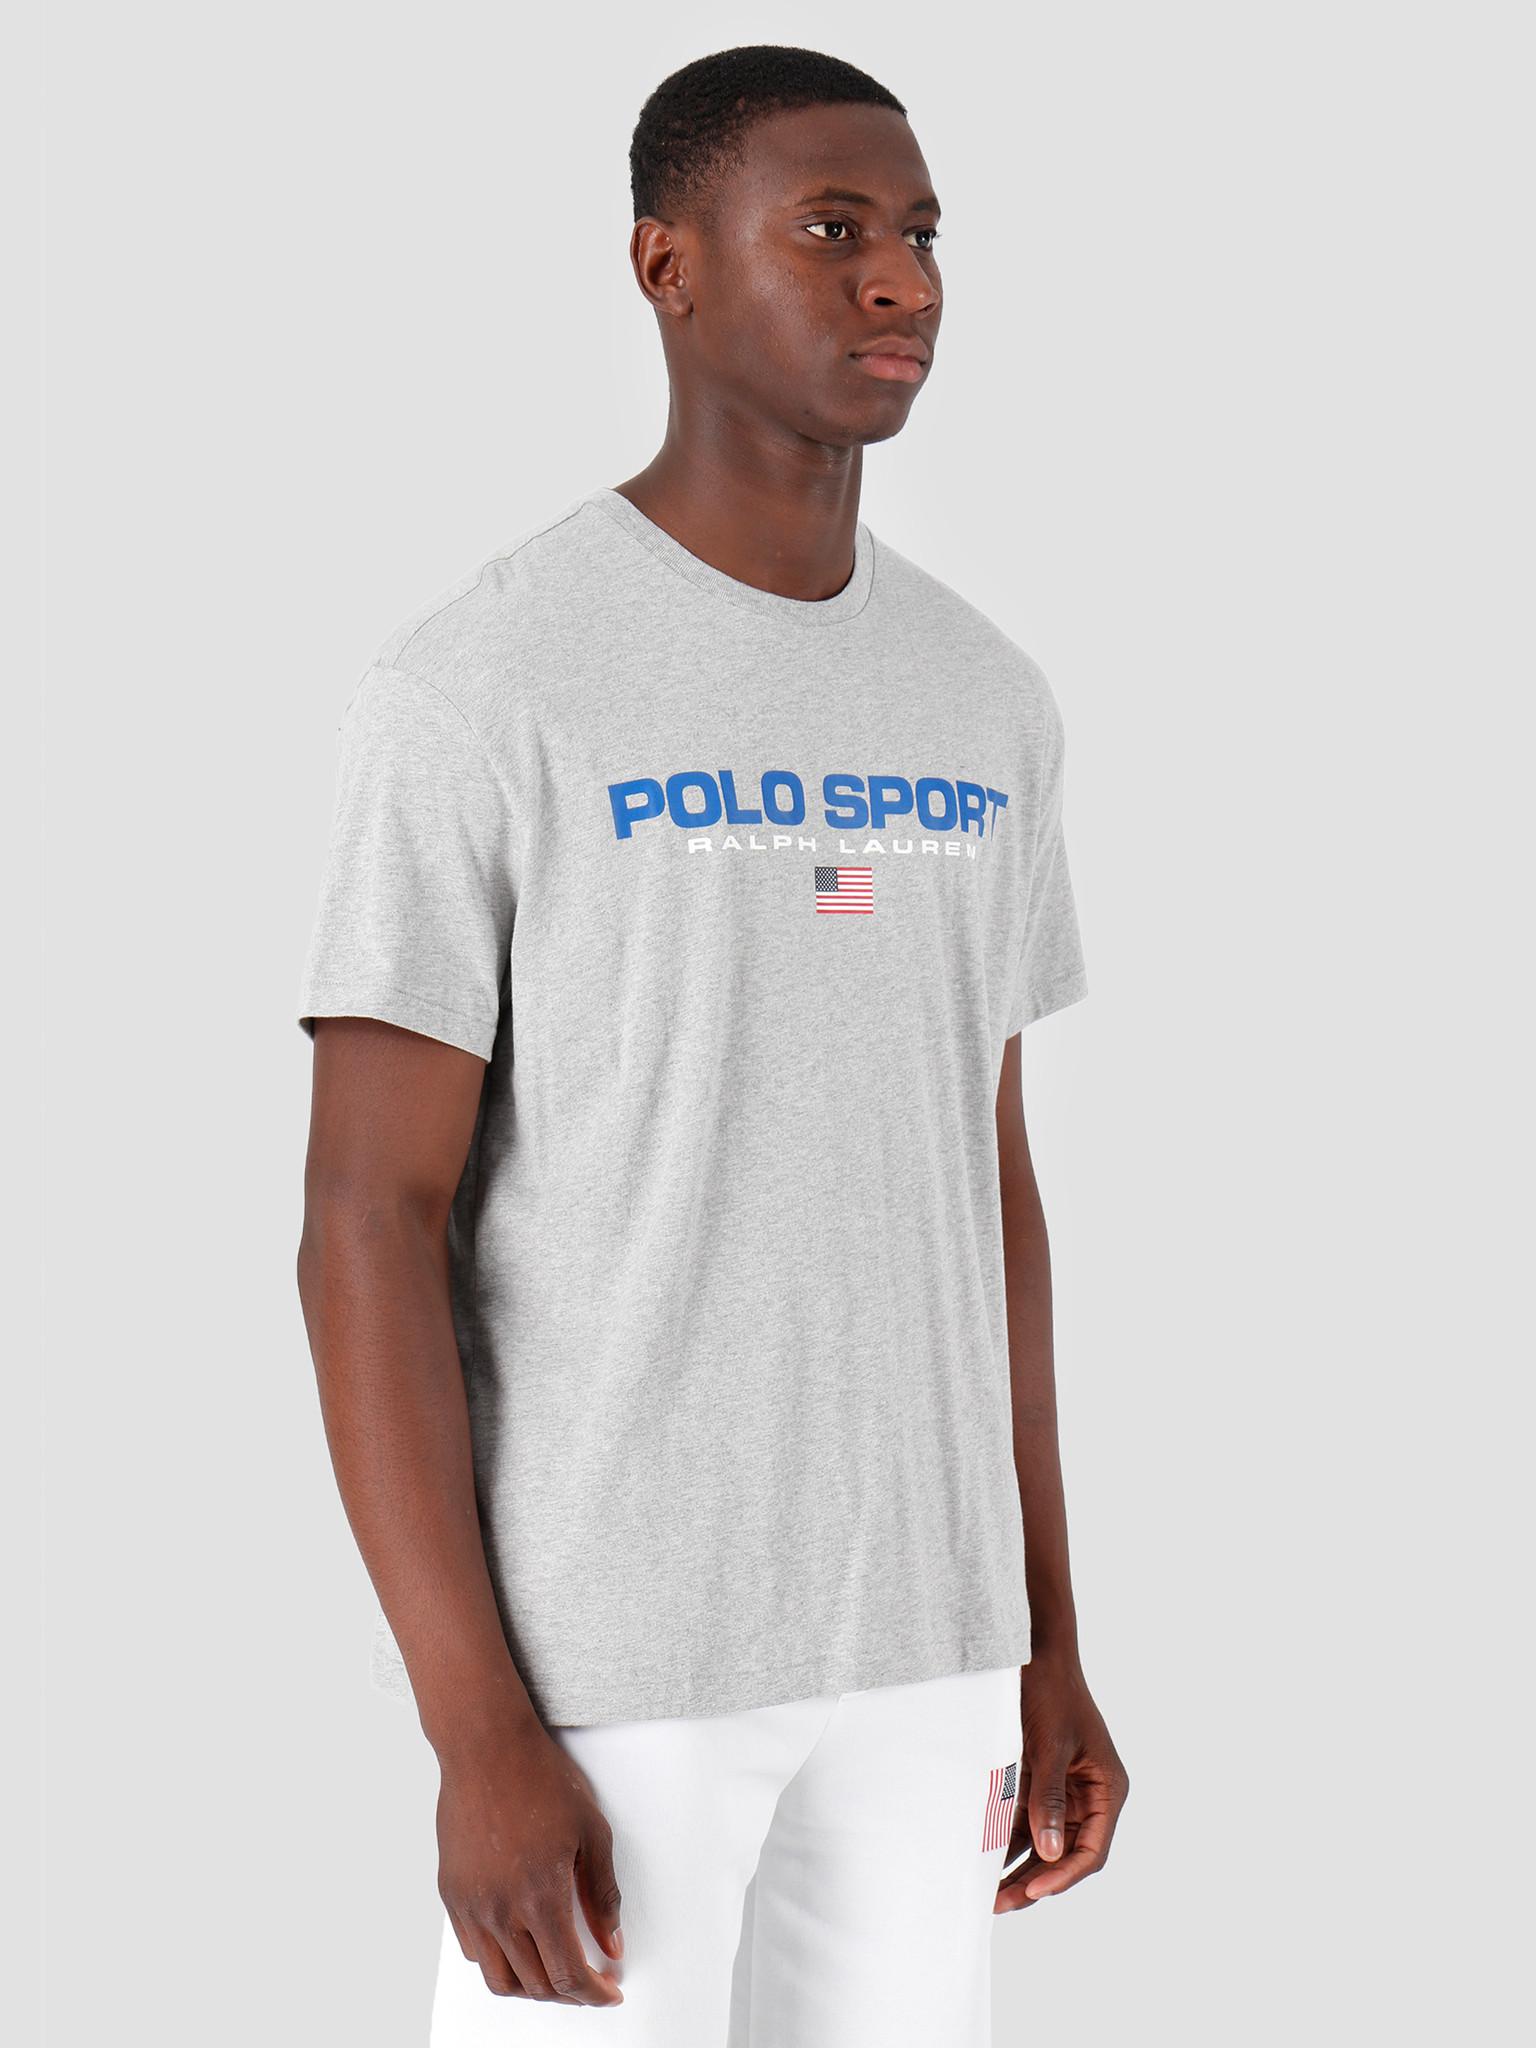 Polo Ralph Lauren Ralph Lauren 26 1 Jersey Shortsleeve T-Shirt Grey Htr 710750444007